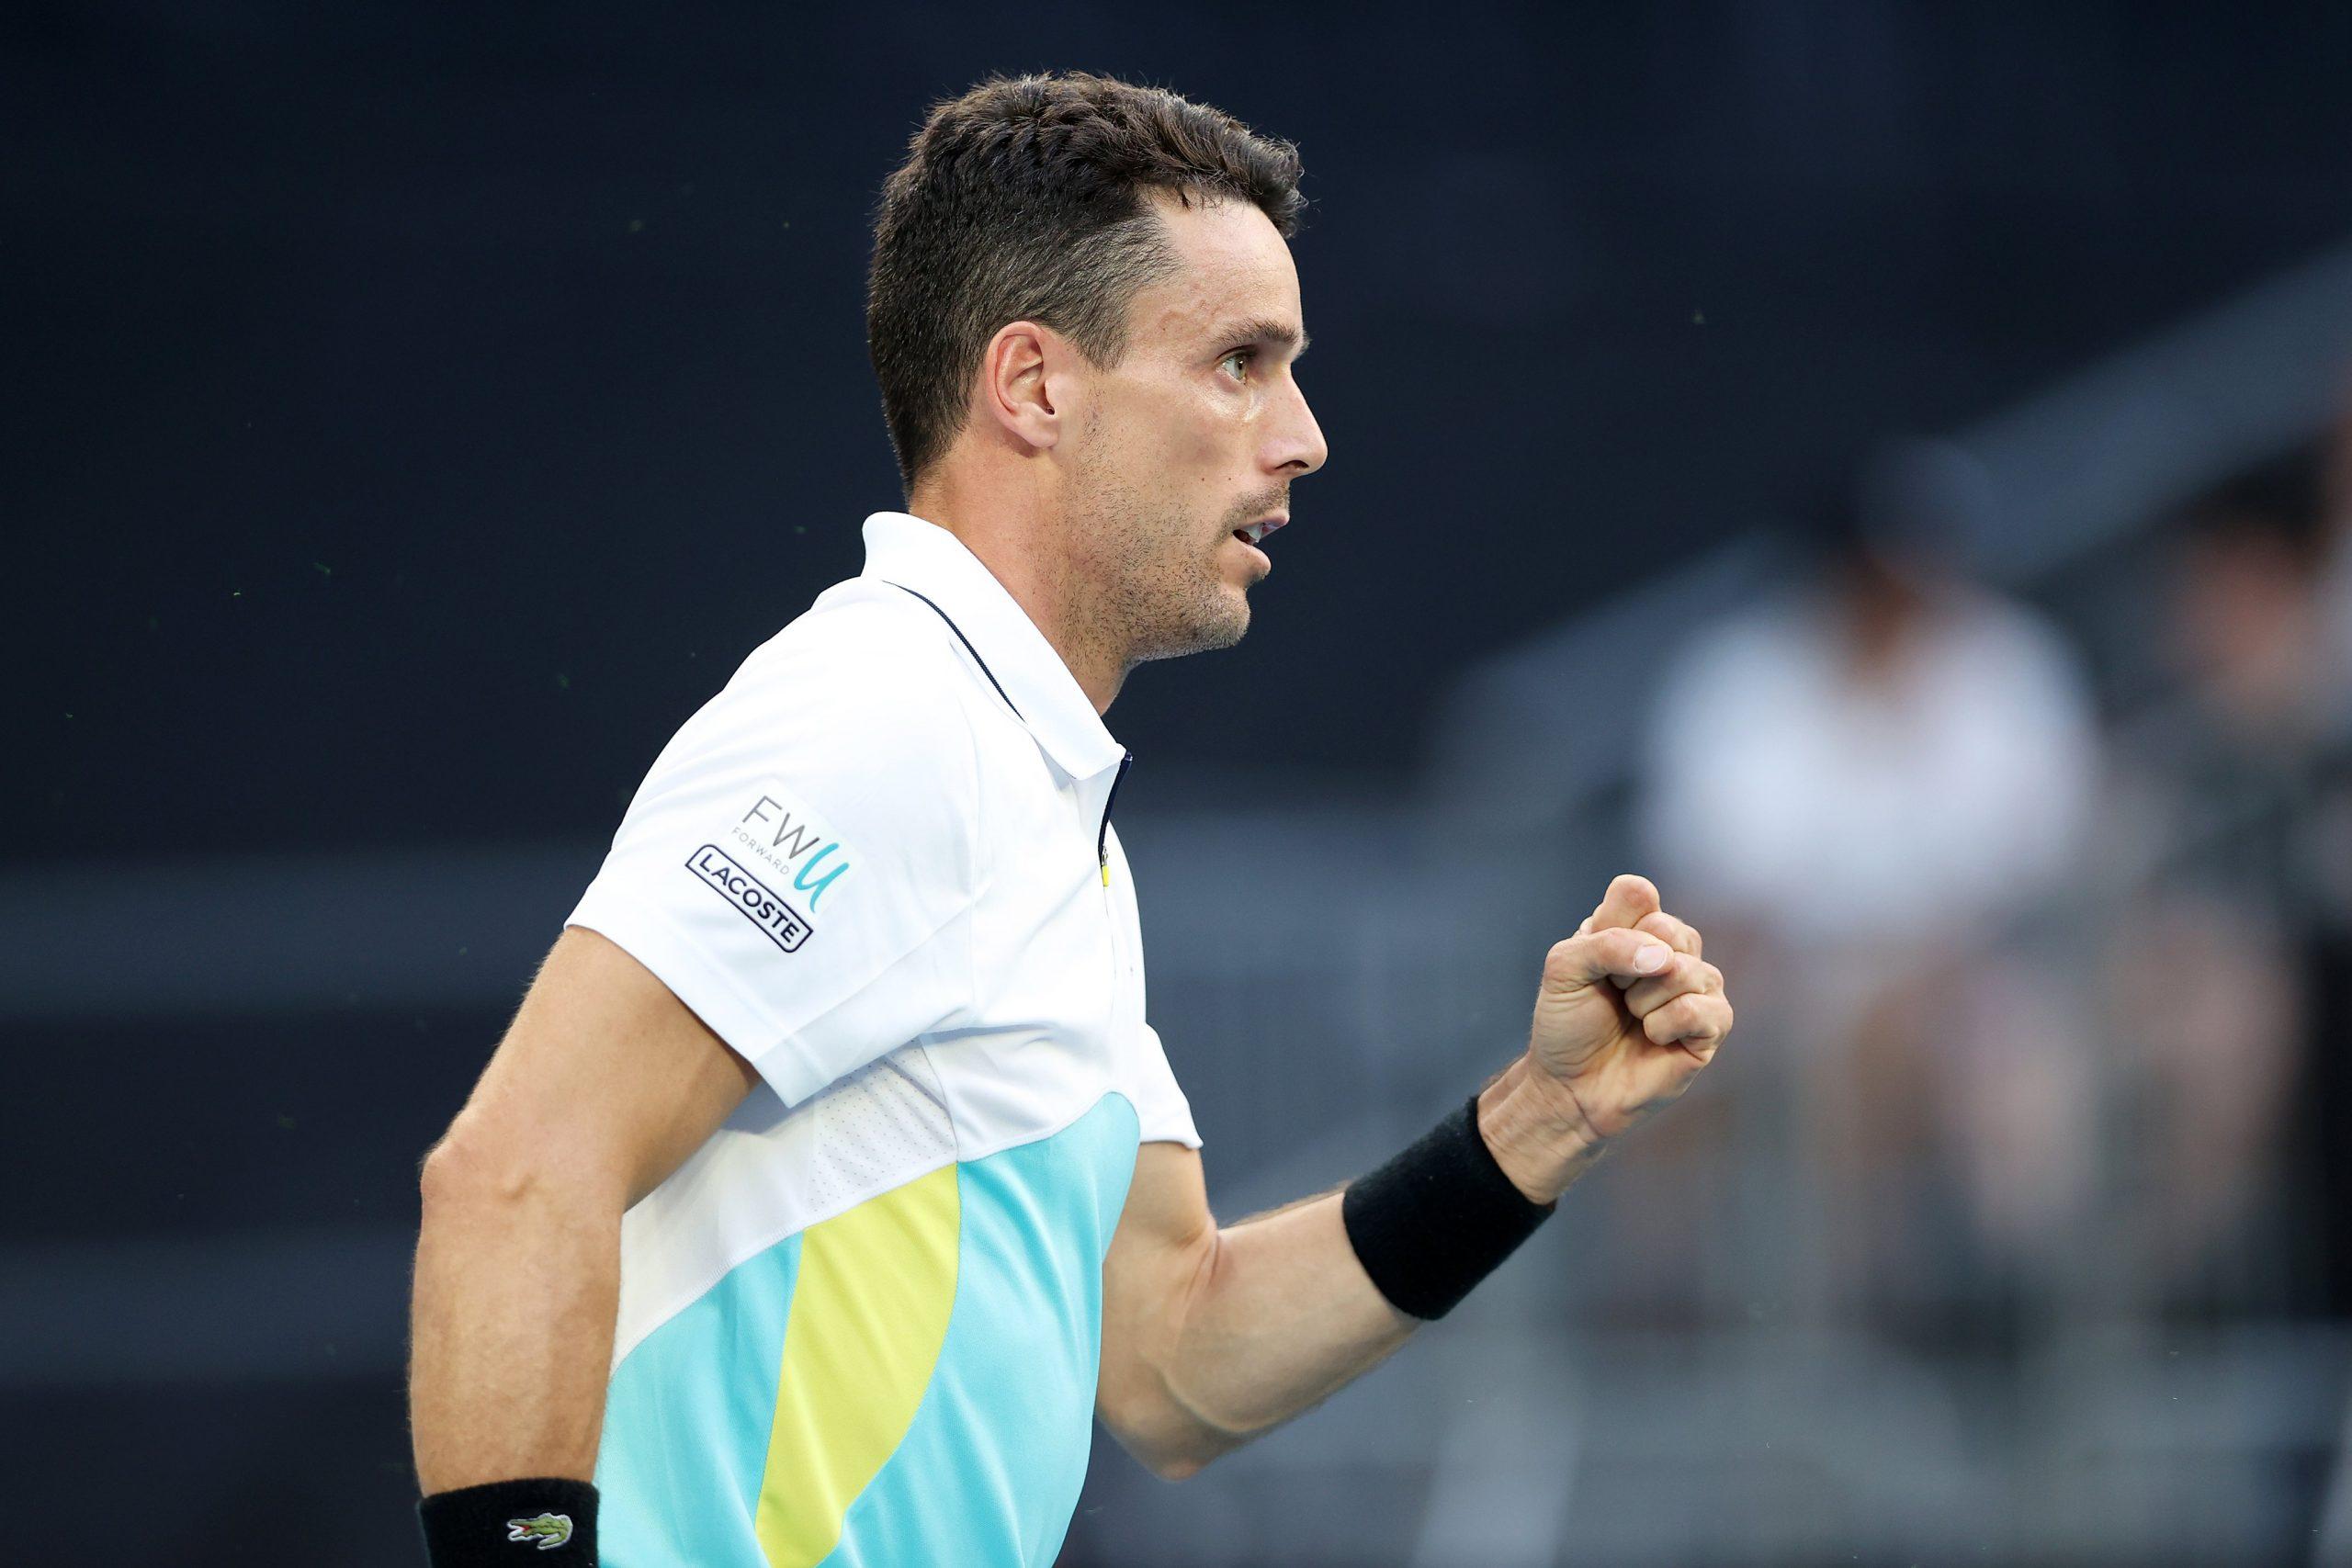 ATP-Ռոտերդամ․ Բաուտիսա-Ագուտն ու Կարենյո-Բուստան մեկնարկեցին հաղթանակներով